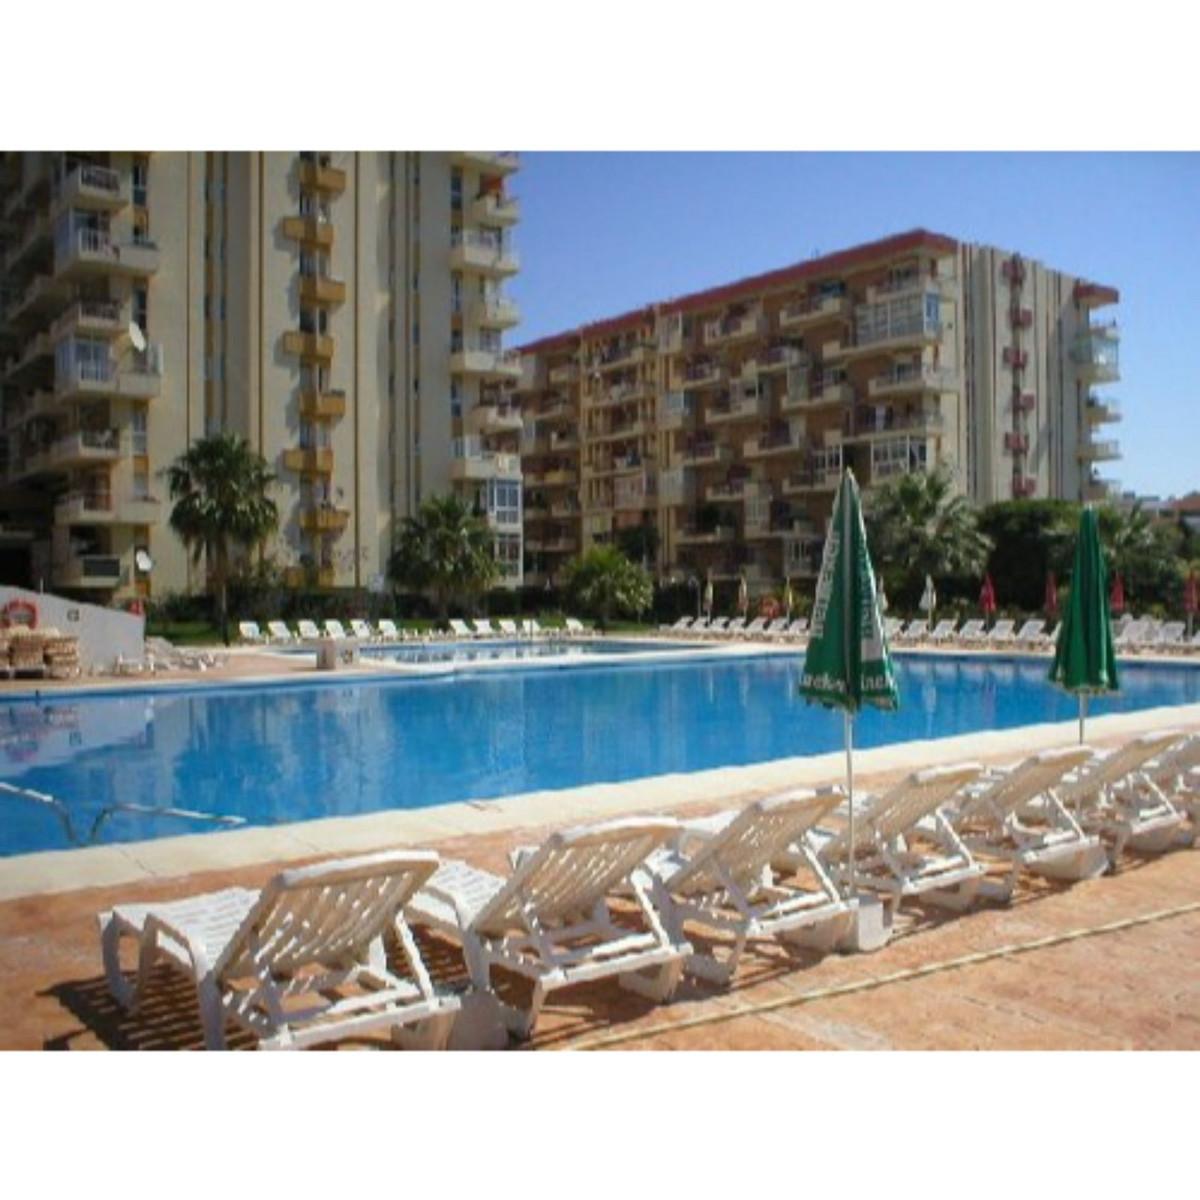 Апартамент - Benalmadena Costa - R3615827 - mibgroup.es